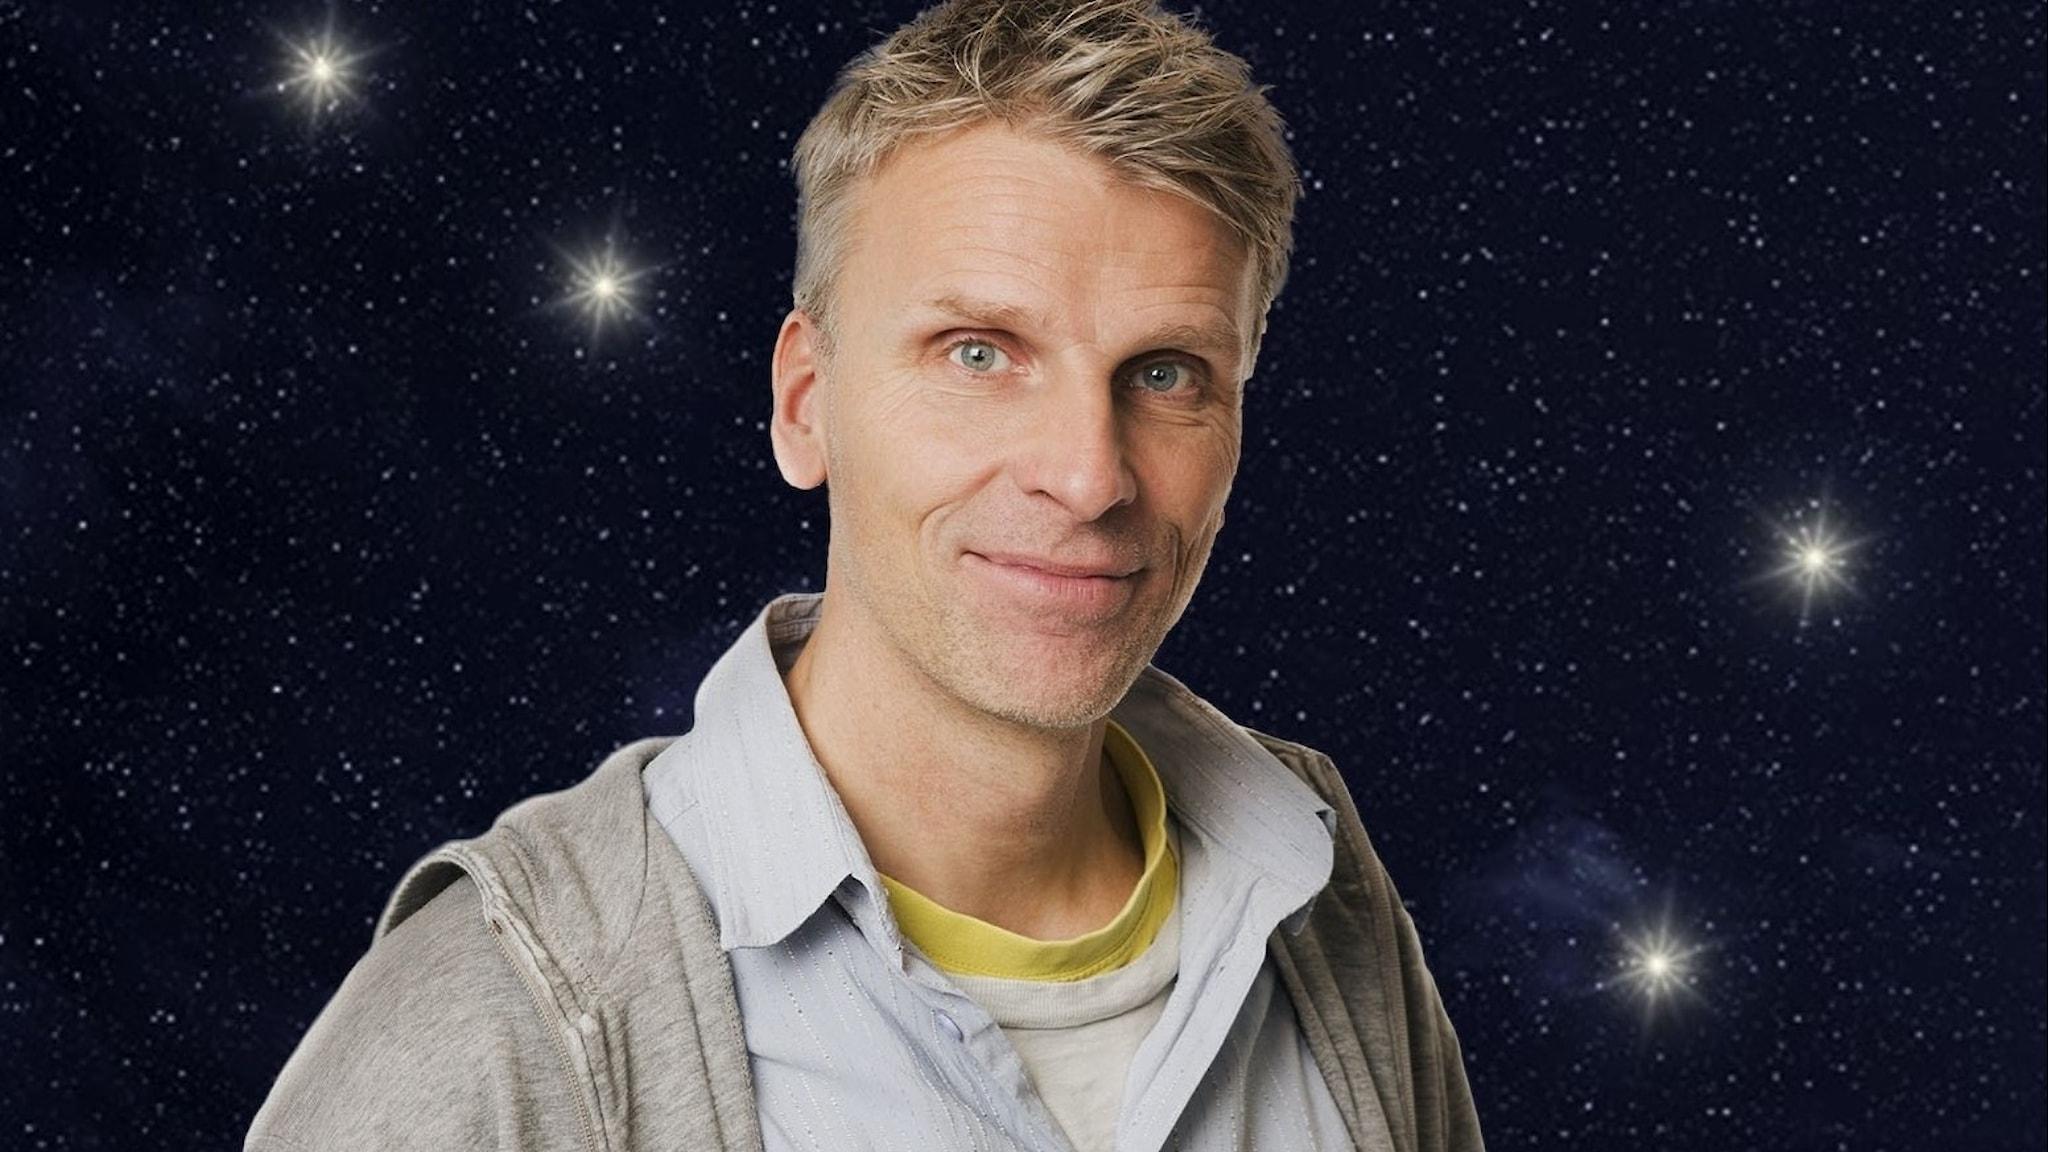 Programledaren christian Olsson framför stjärnhimmel